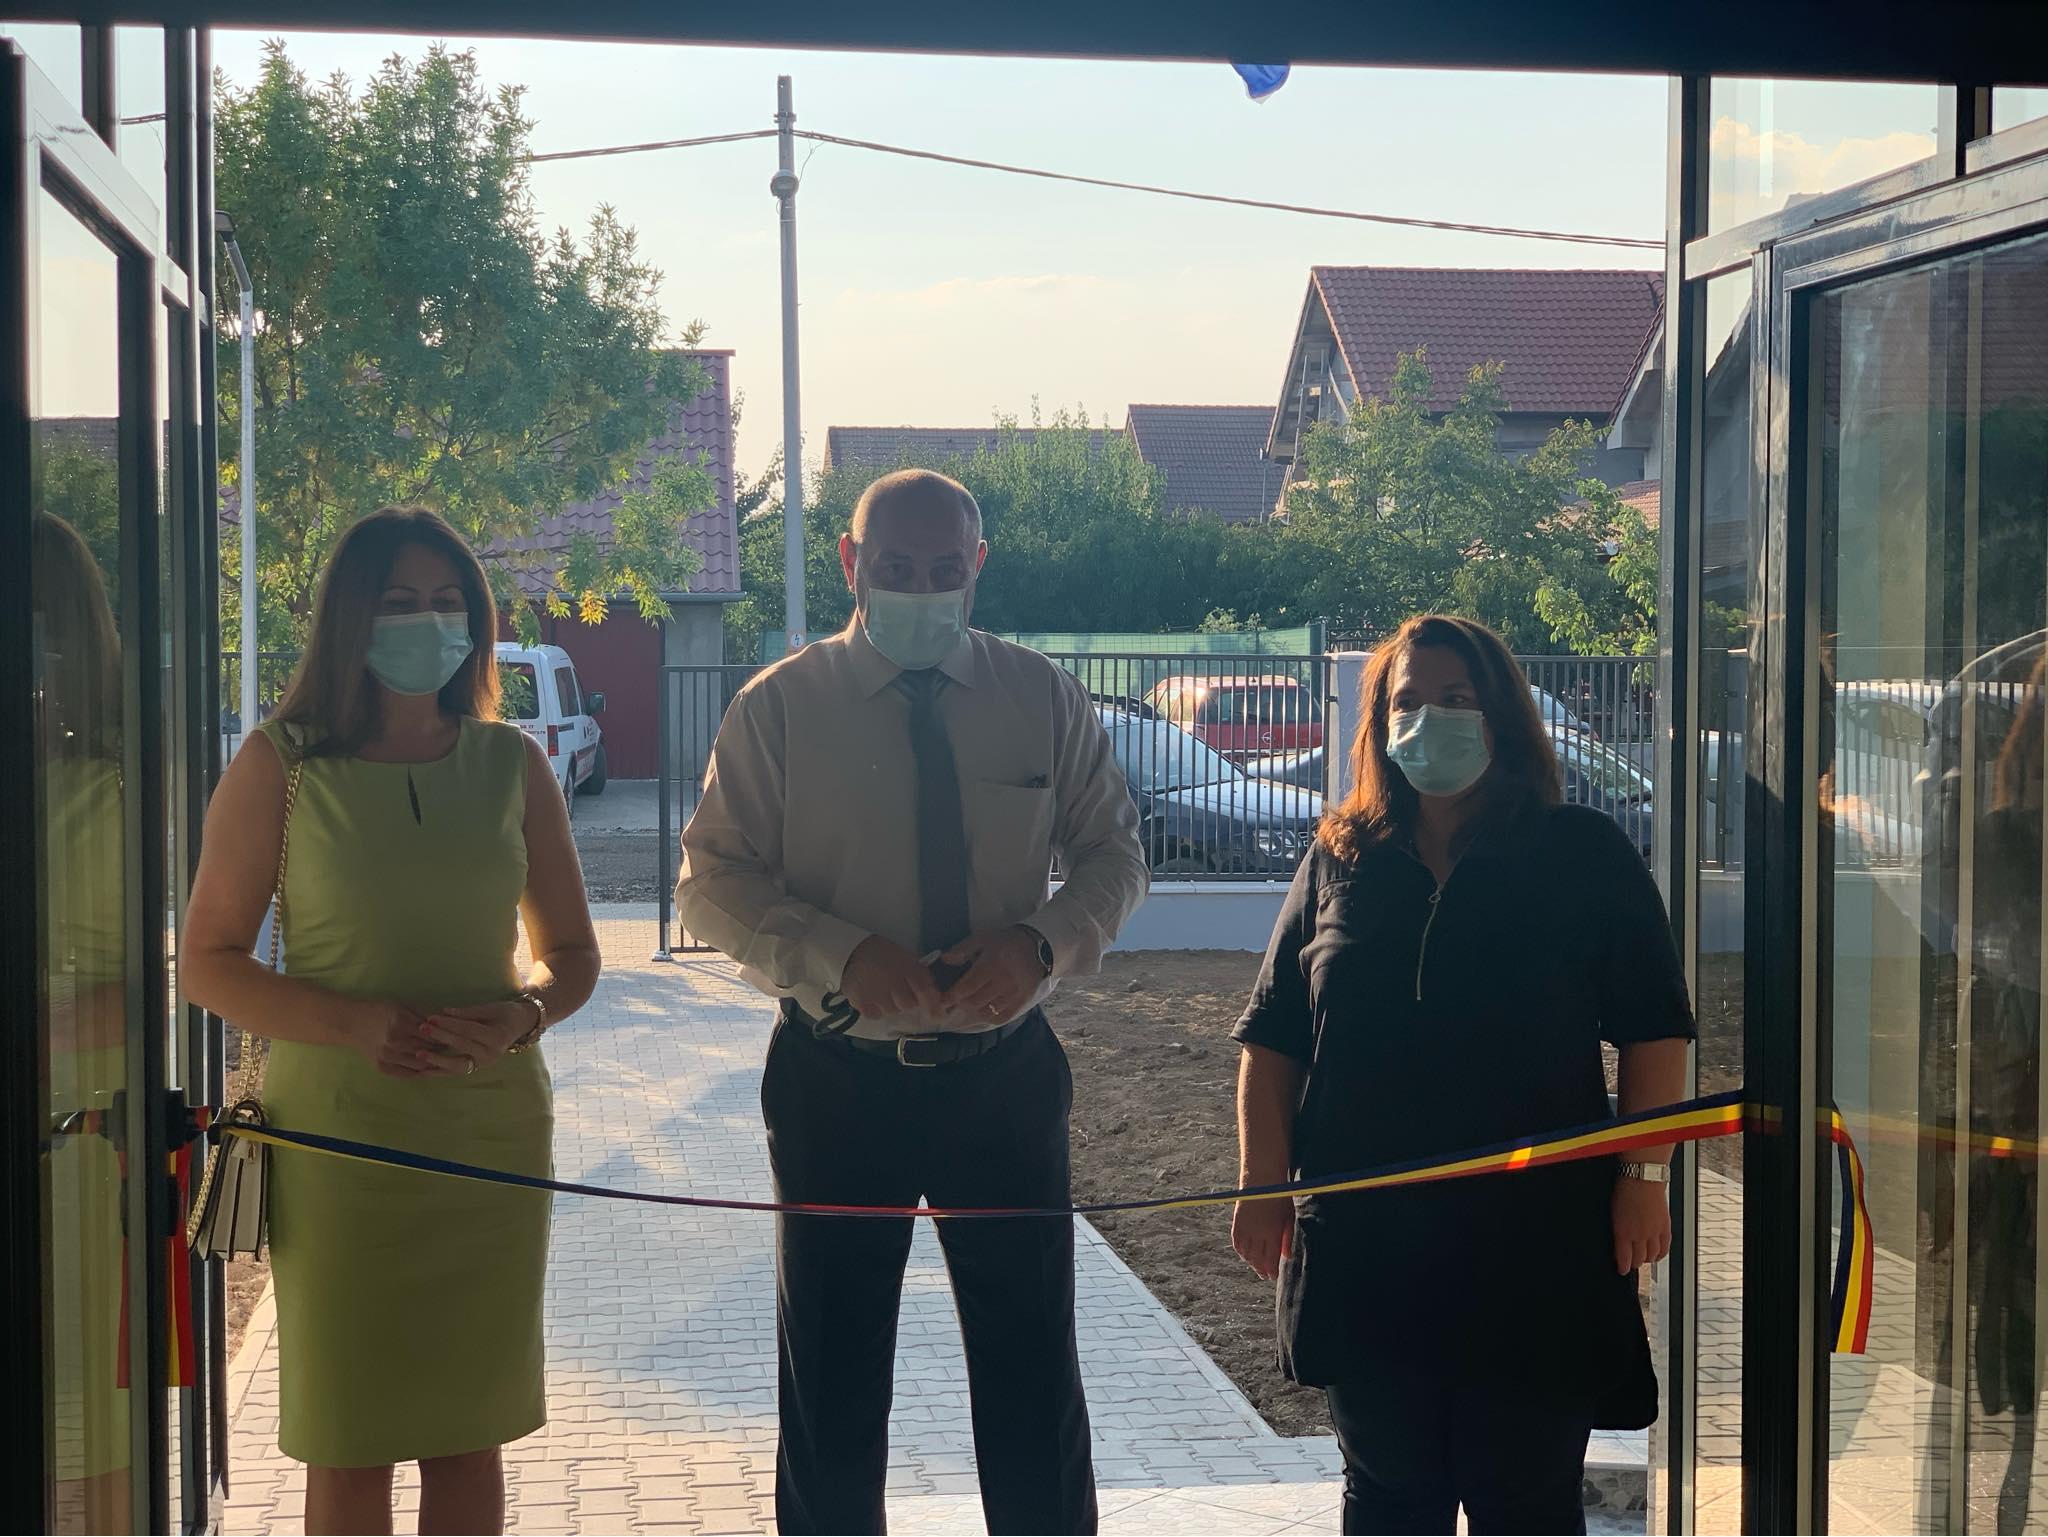 FOTO: Grădiniță nouă Sântandrei 16.09.2020